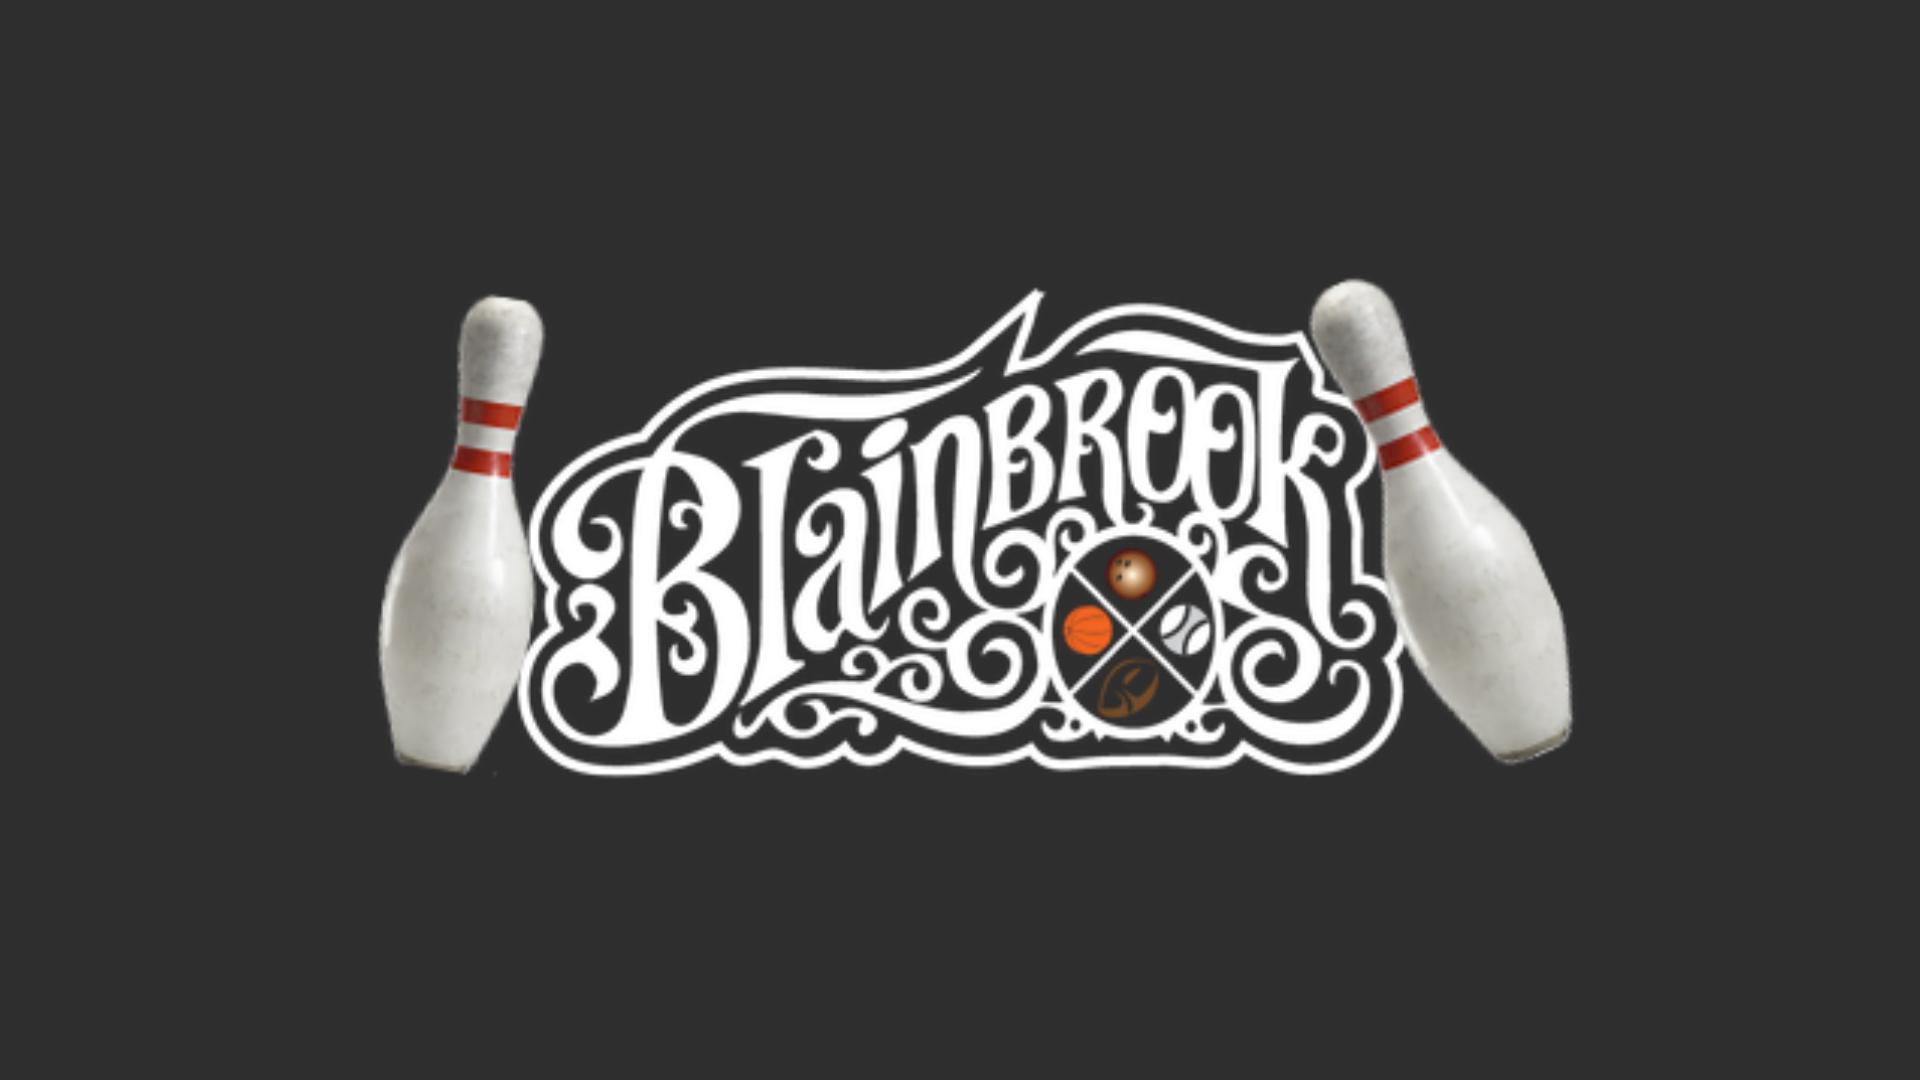 Blainbrook Entertainment Center